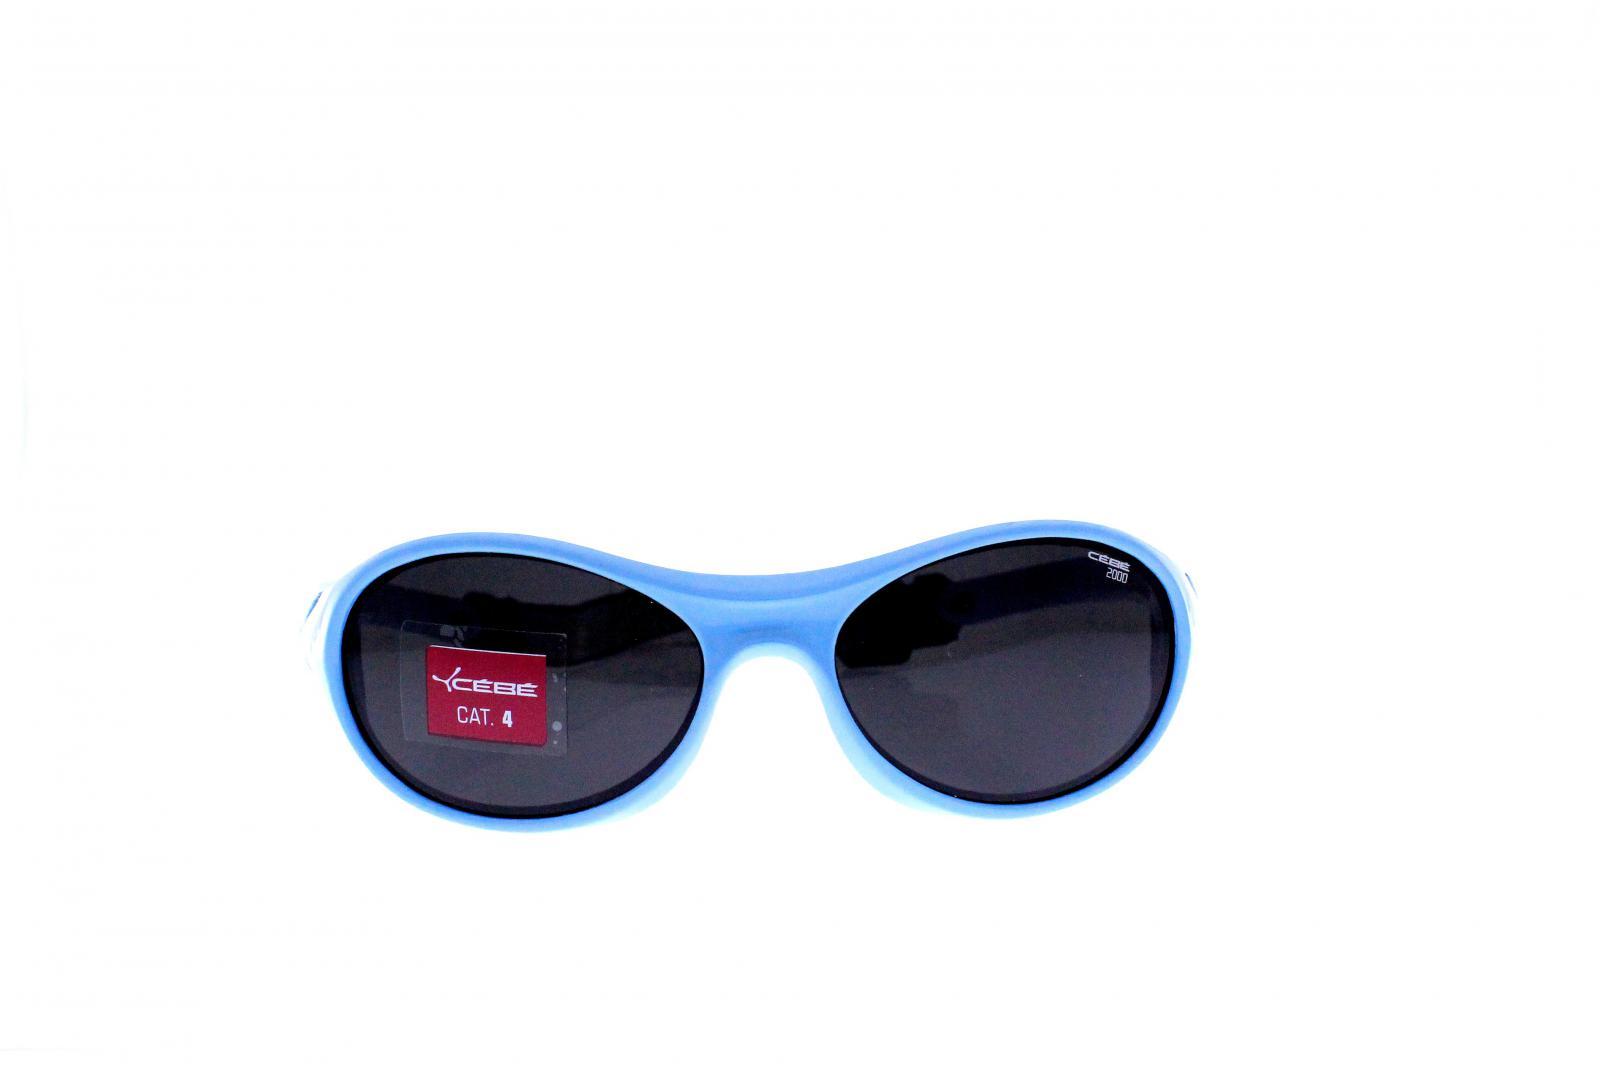 Lunettes de Soleil Ray Ban Junior 9050 100 71 45 pas cher - Optical Discount 5ba879d6e0cc